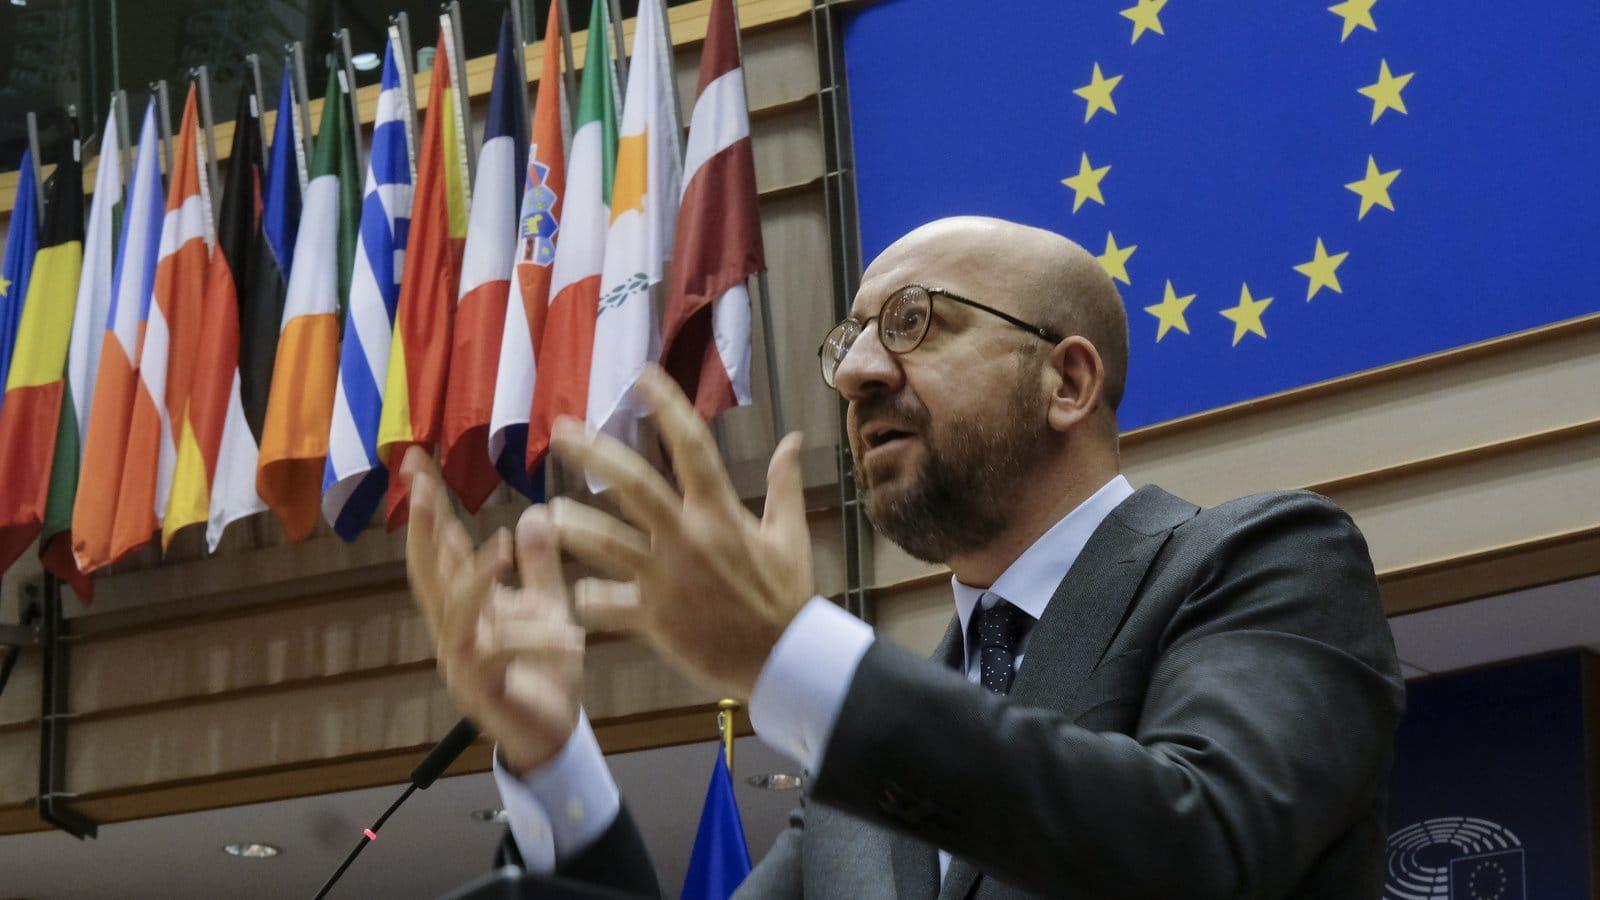 Топ-керівник ЄС звинуватив Росію і Китай у використанні вакцин для пропаганди